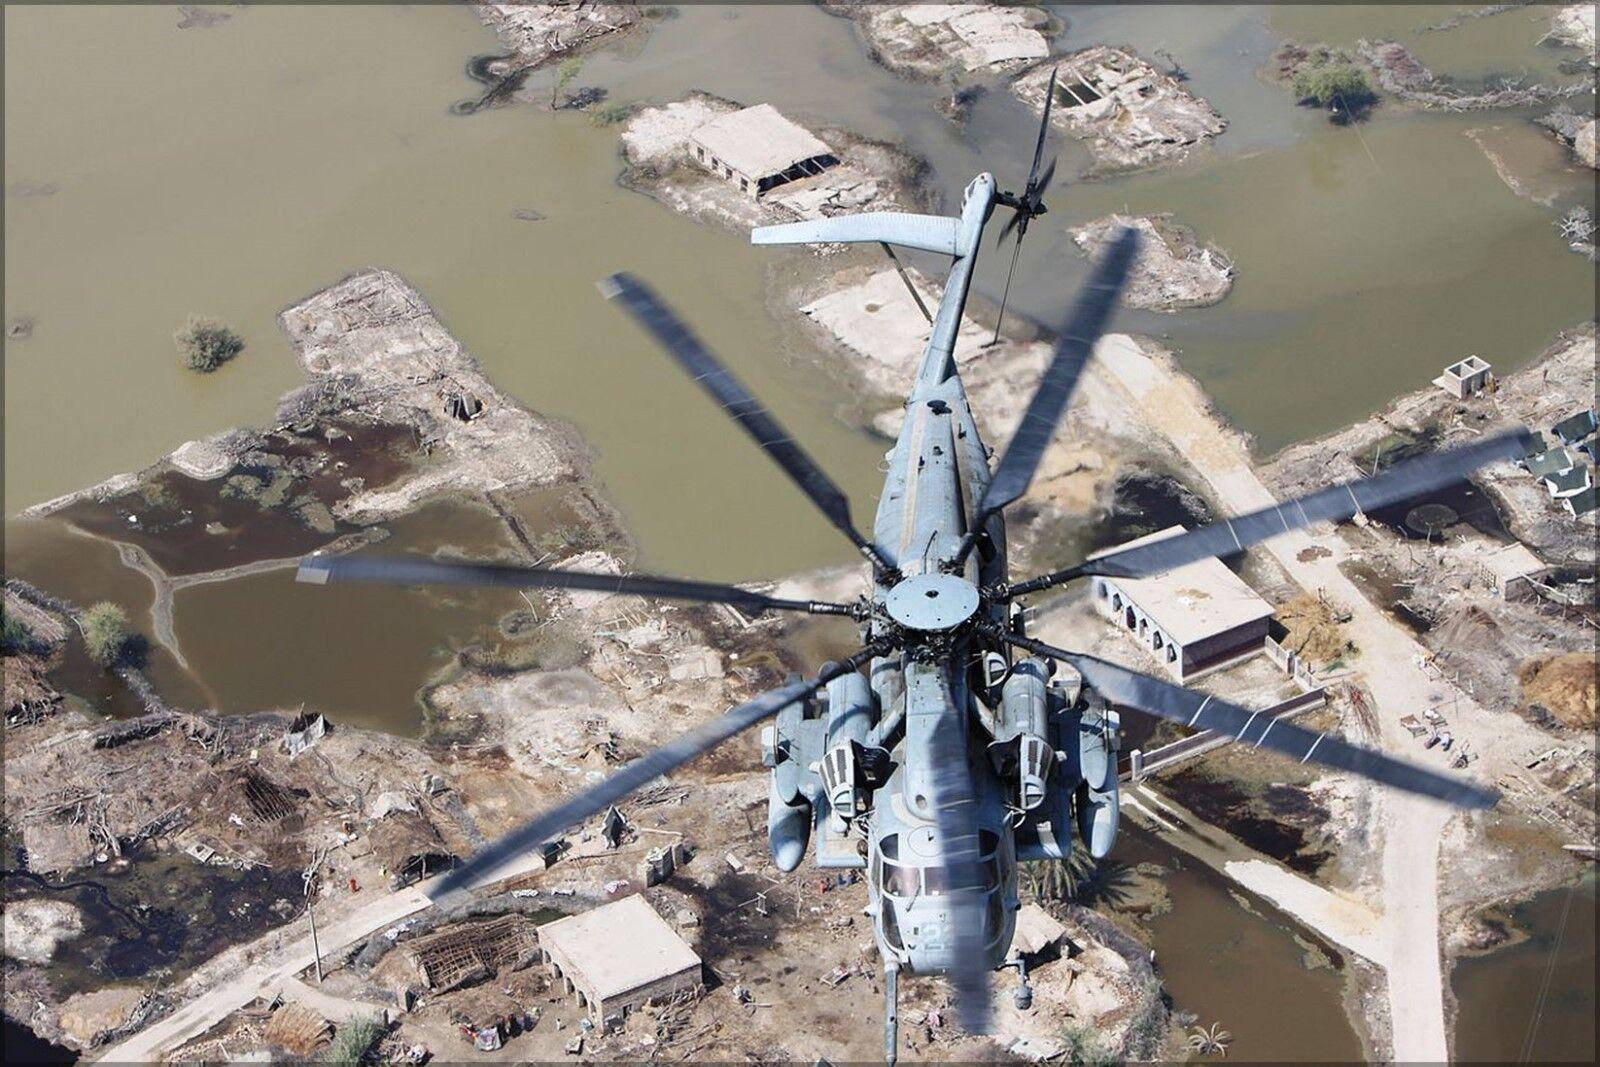 Poster, Molte Misure; Misure; Misure; Ch-53e Super Stallion Helicopter Pakistano fa62cf